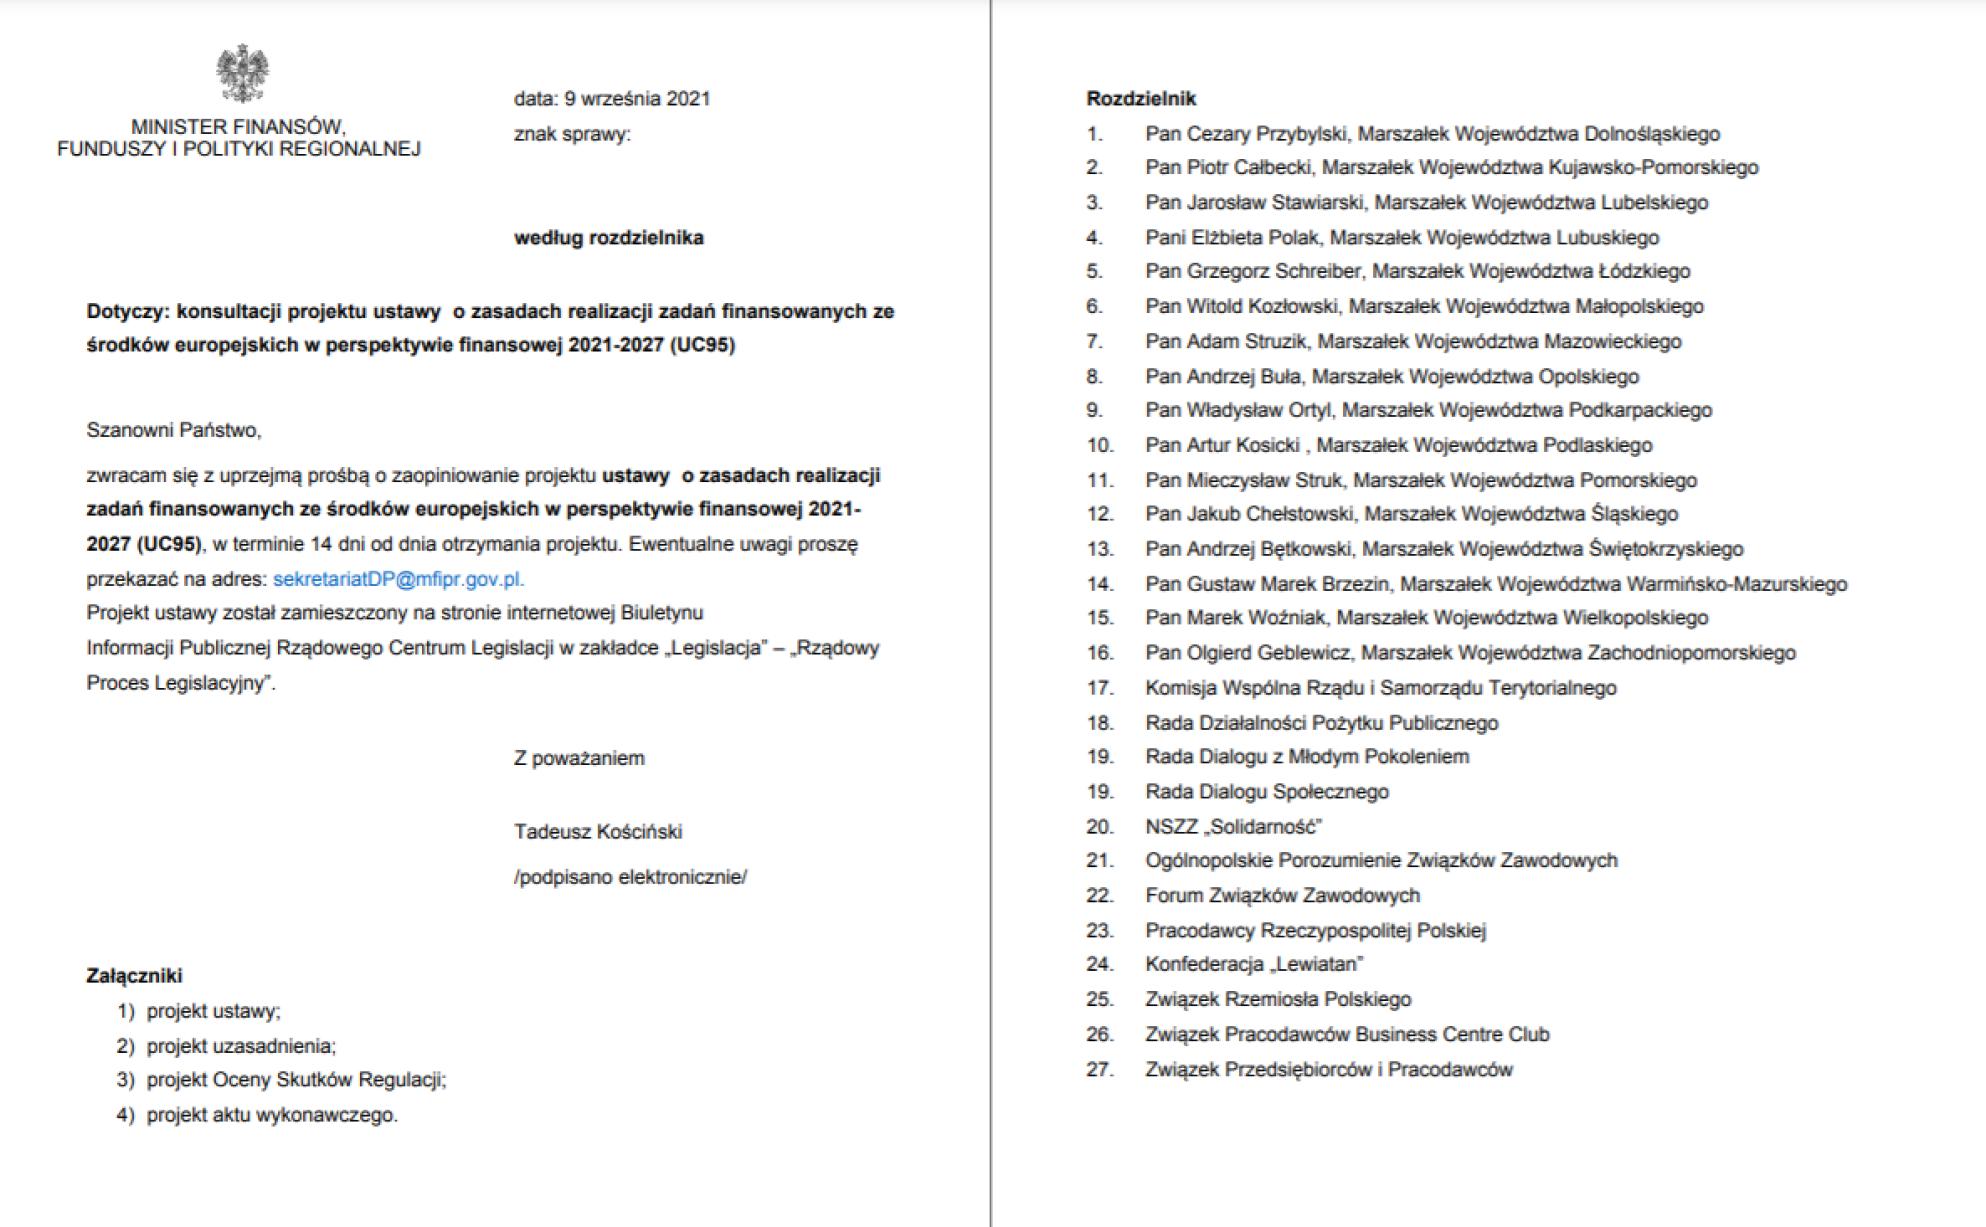 Dokument rządowy z listą interesariuszy